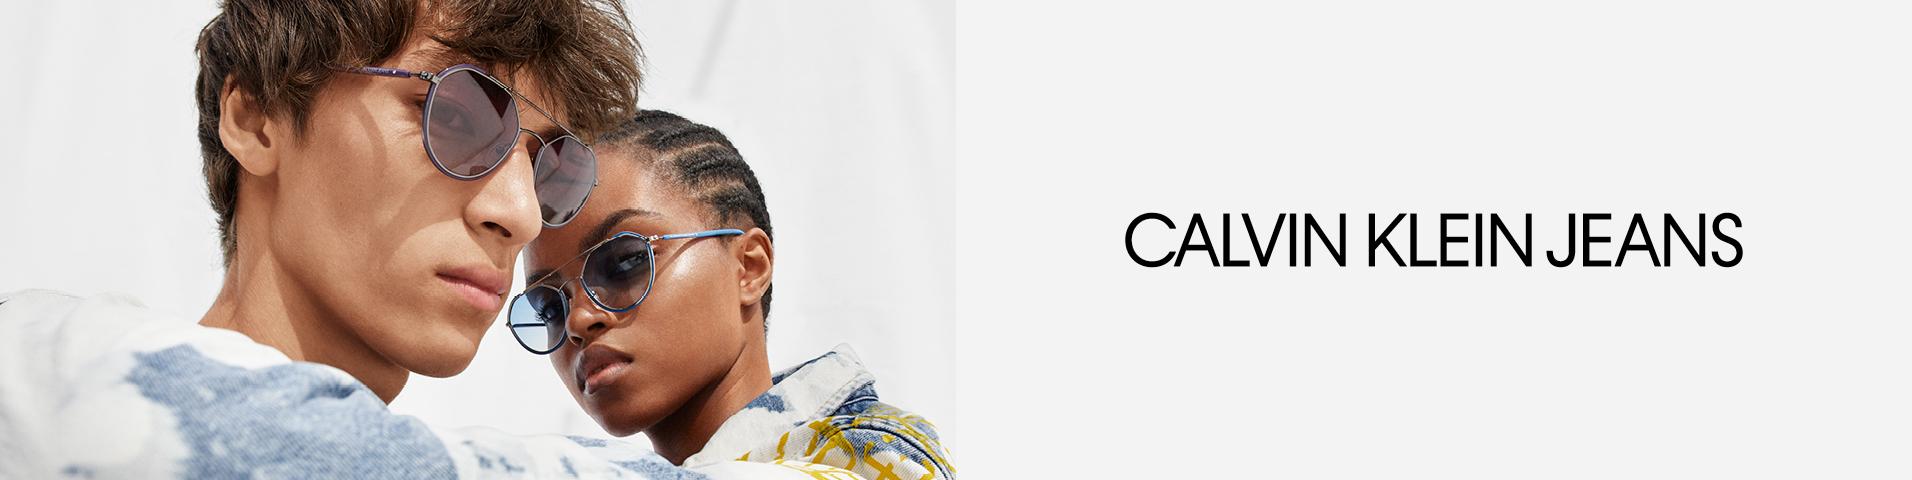 Calvin Klein Jeans | Commandez tous les produits en ligne